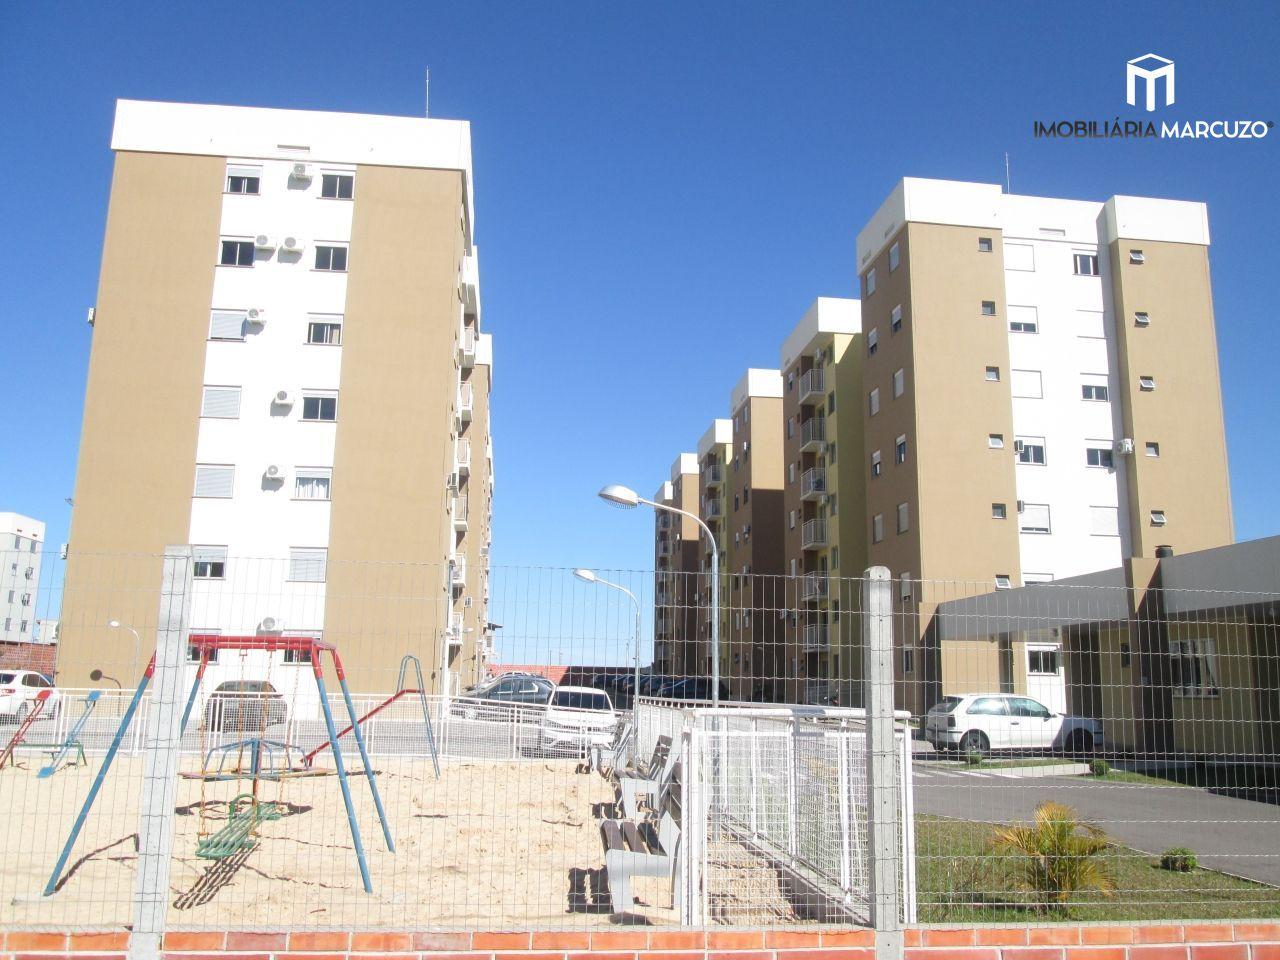 Apartamento com 2 Dormitórios à venda, 55 m² por R$ 200.000,00